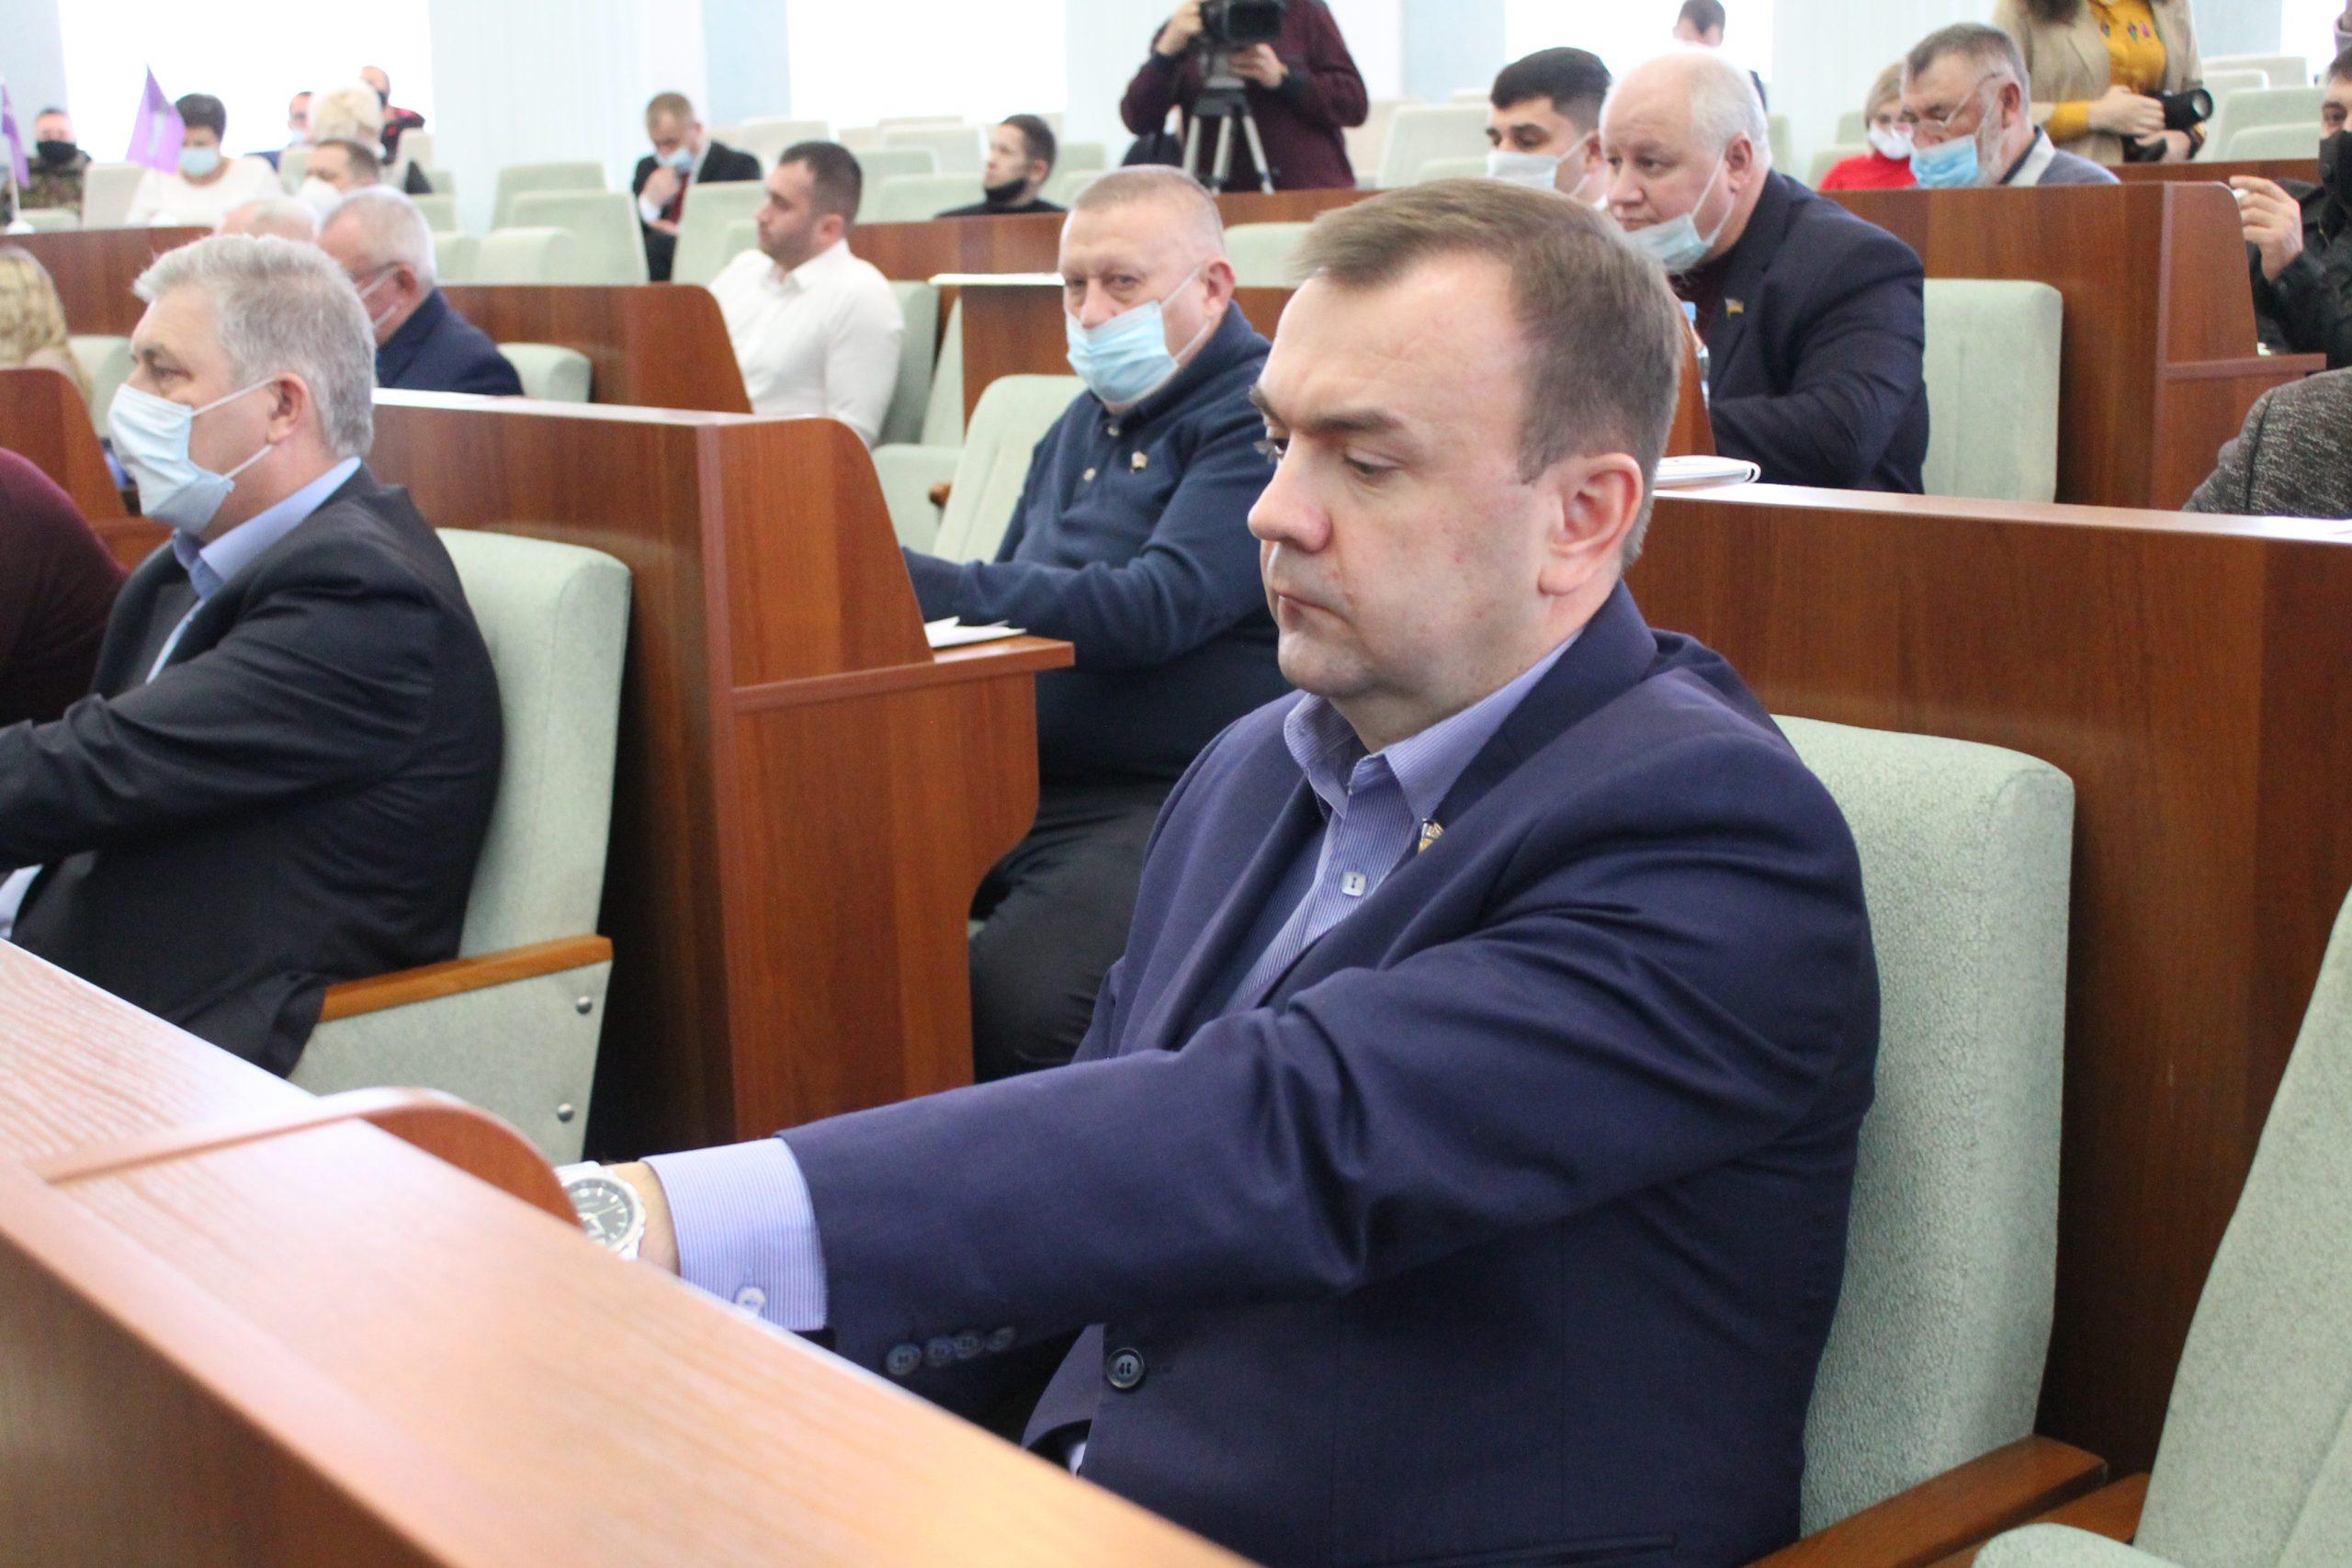 Віталій Коваль: «Хочу побажати нашій державі у новому році значних позитивних політичних змін»